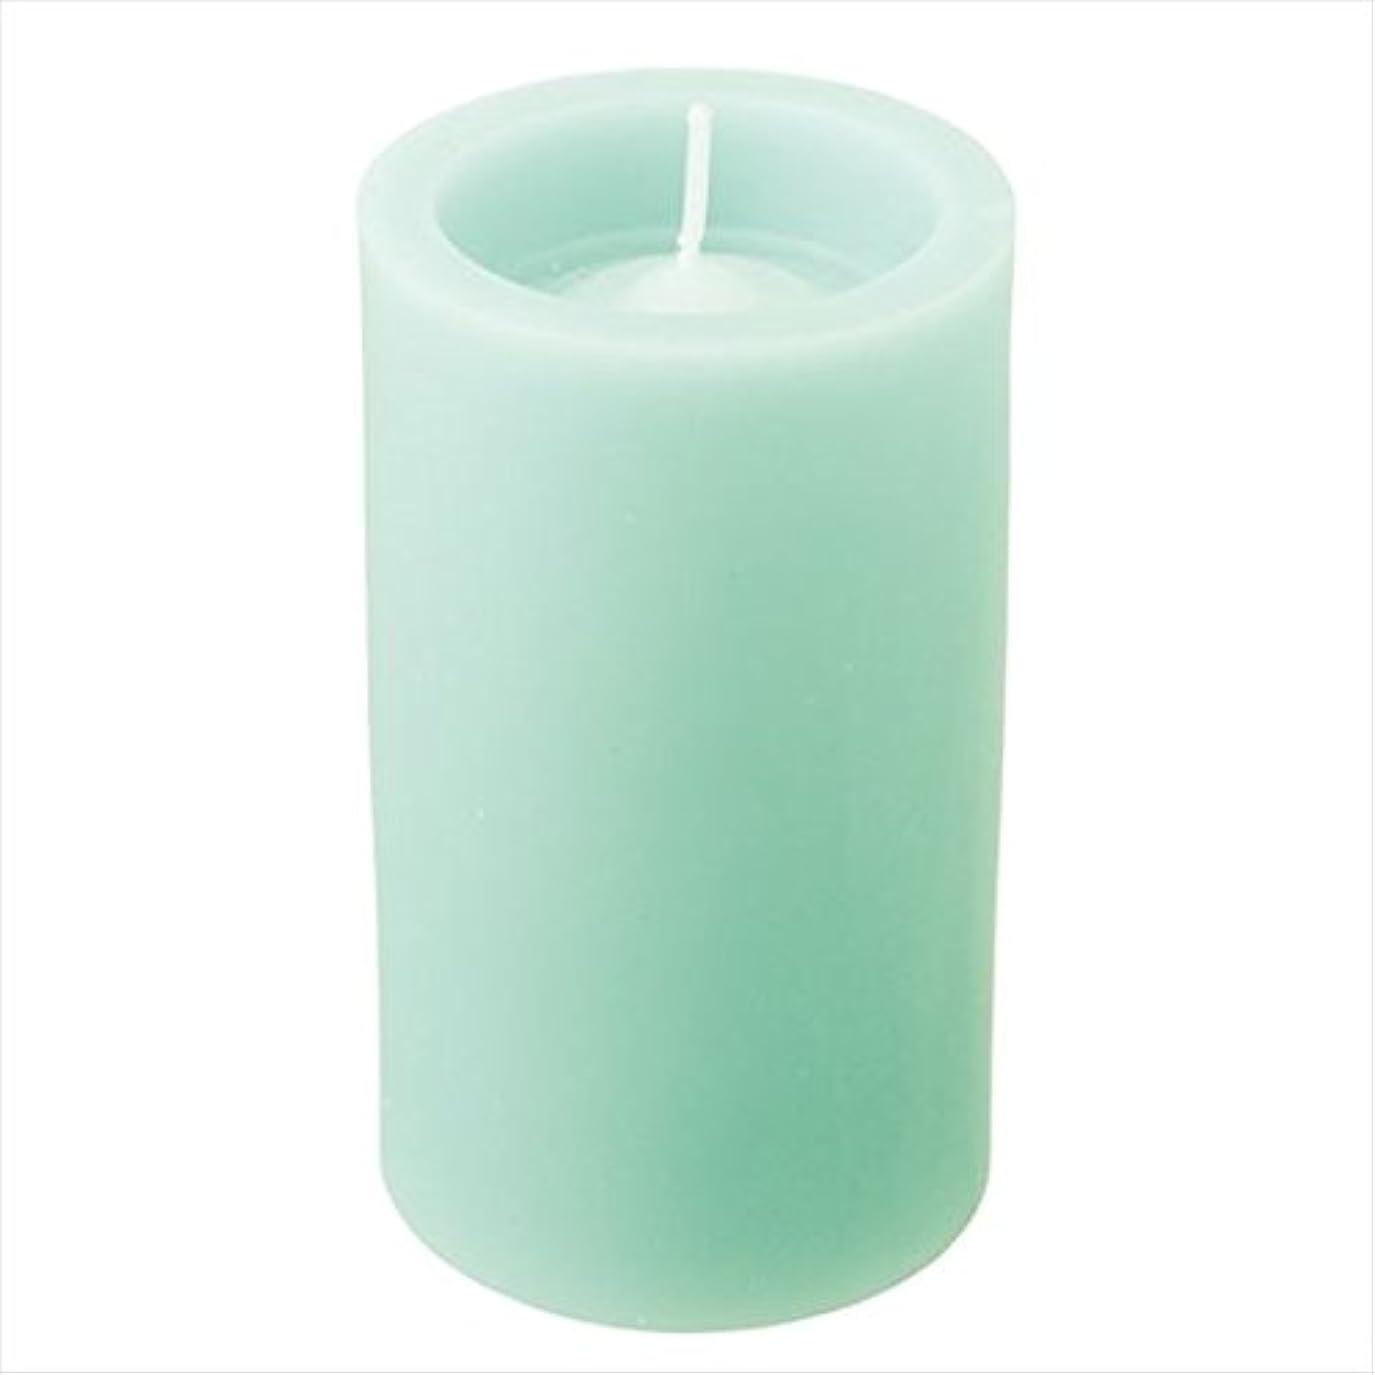 原点王位ありがたいカメヤマキャンドル( kameyama candle ) ロイヤルラウンド50 「 ライトグリーン 」